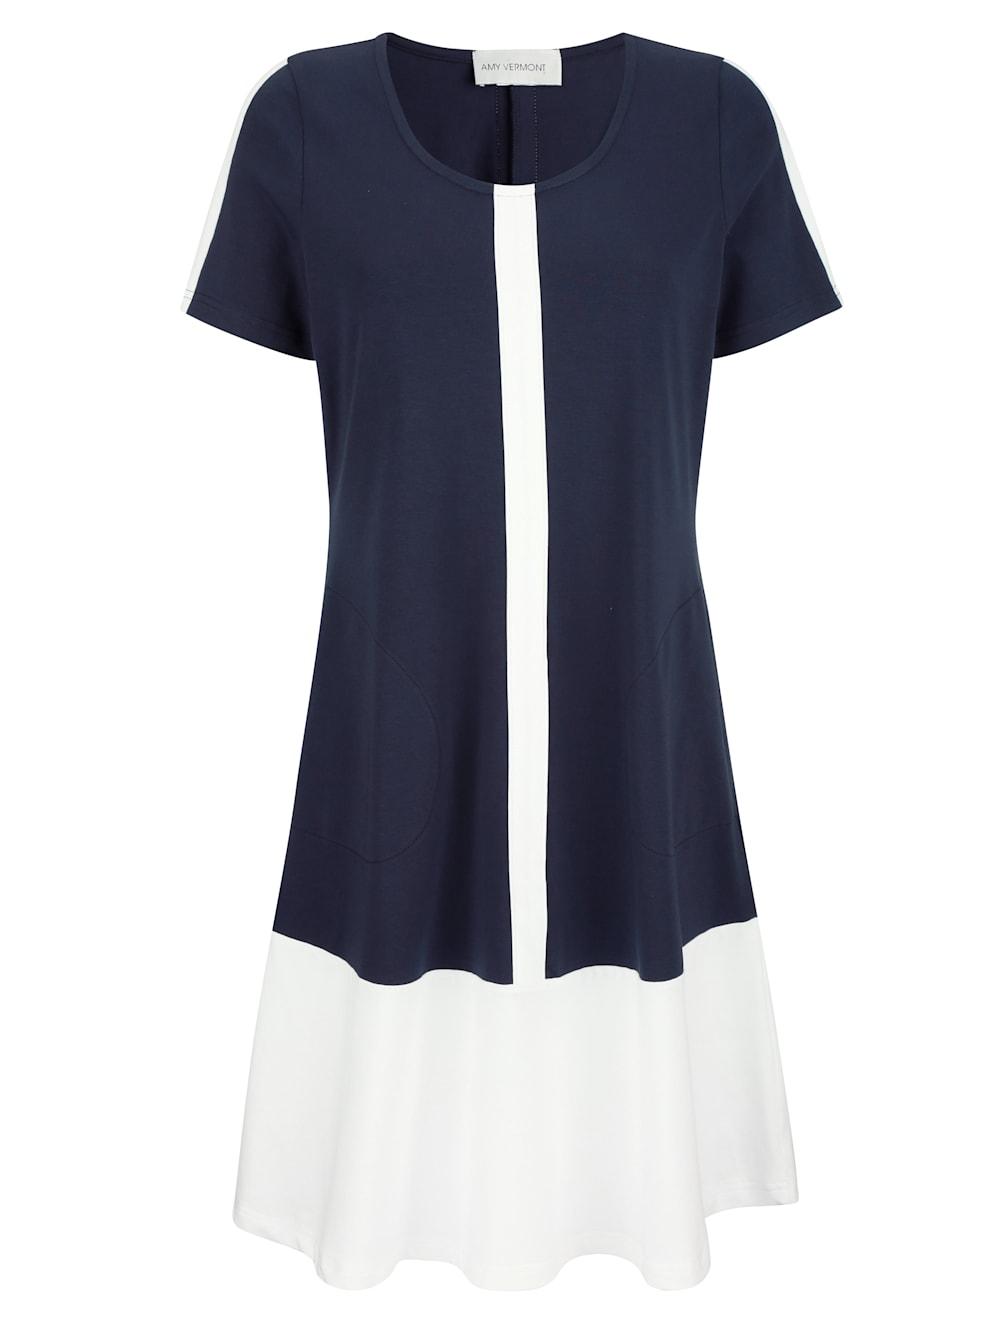 AMY VERMONT Jerseykleid mit Streifen in Kontrastfarbe ...